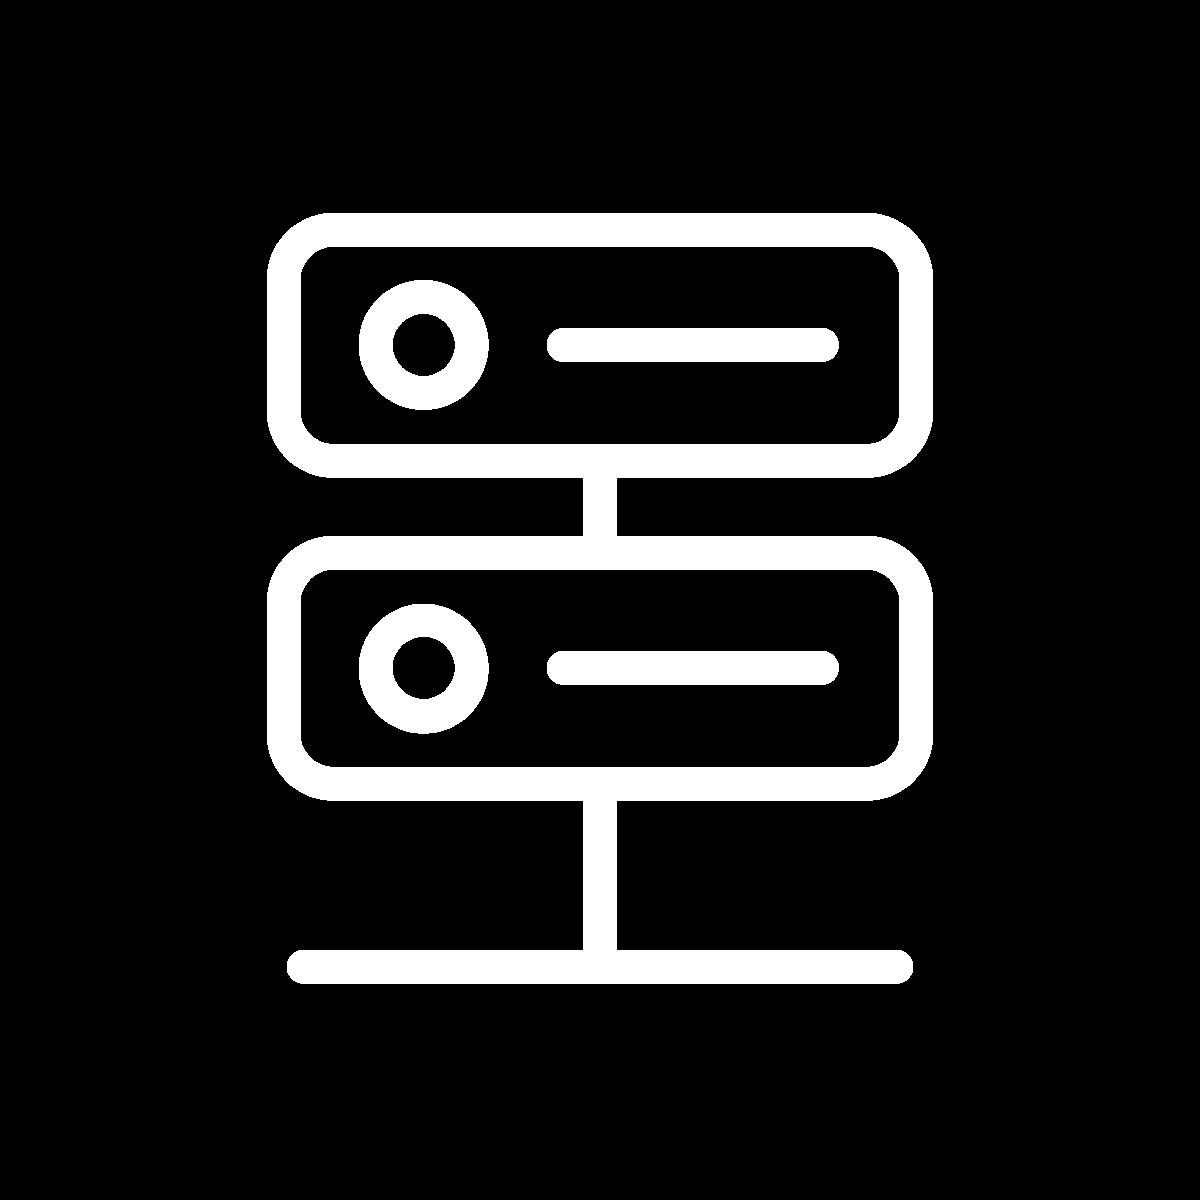 icon-host